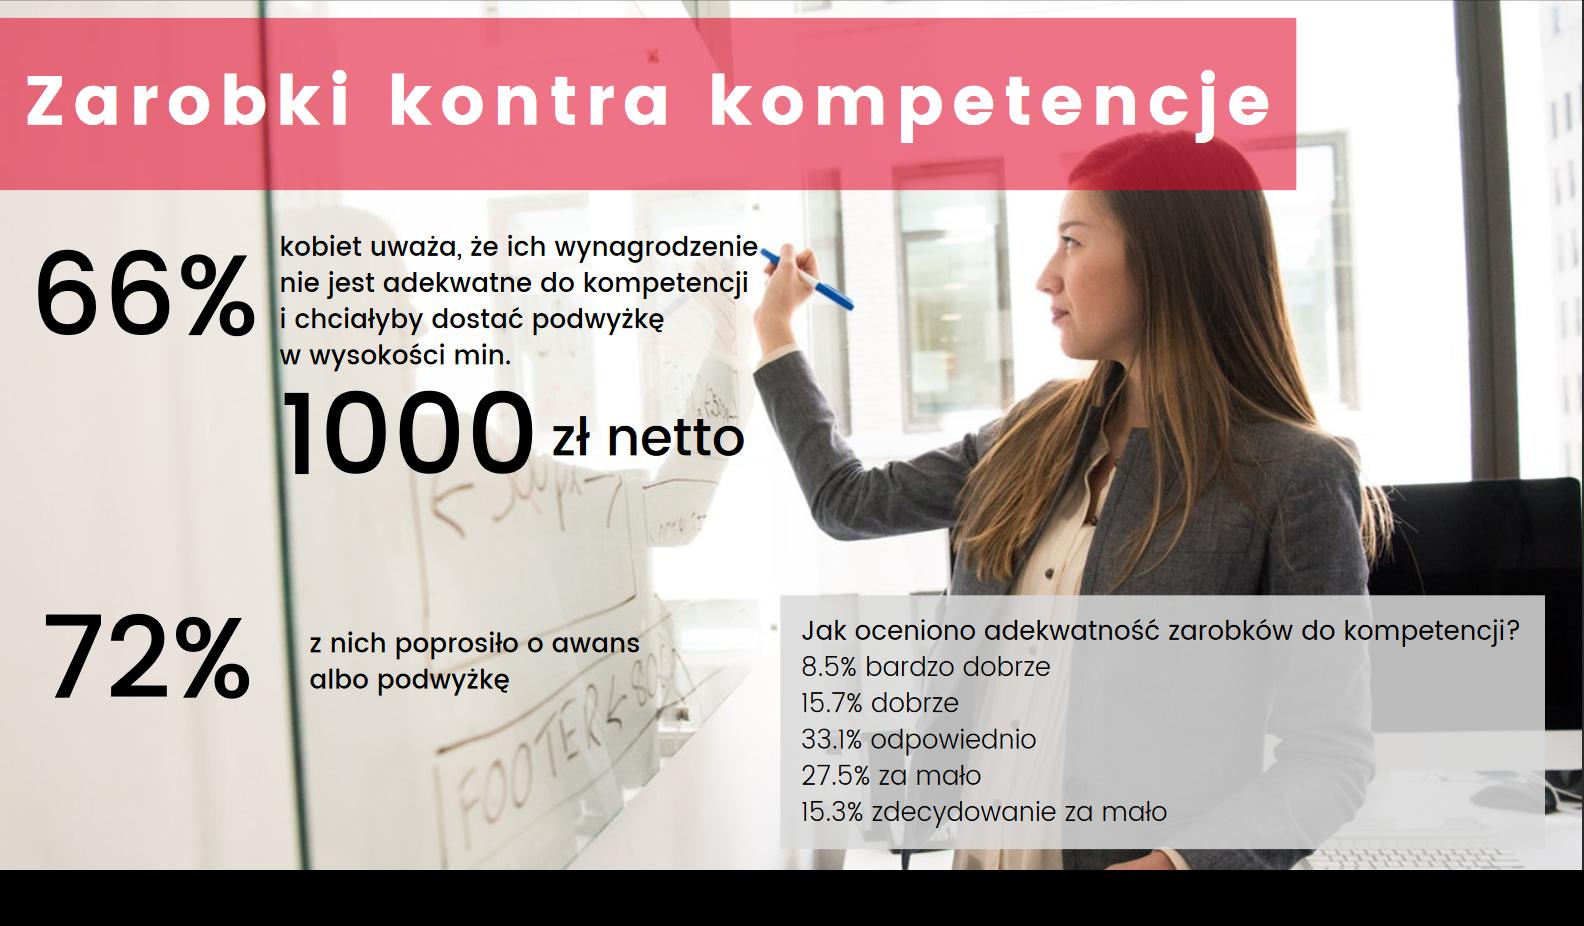 Zarobki kontra kompetencje, (źródło: materiały prasowe/raport Satysfakcja Polek z pracy i zarobków)